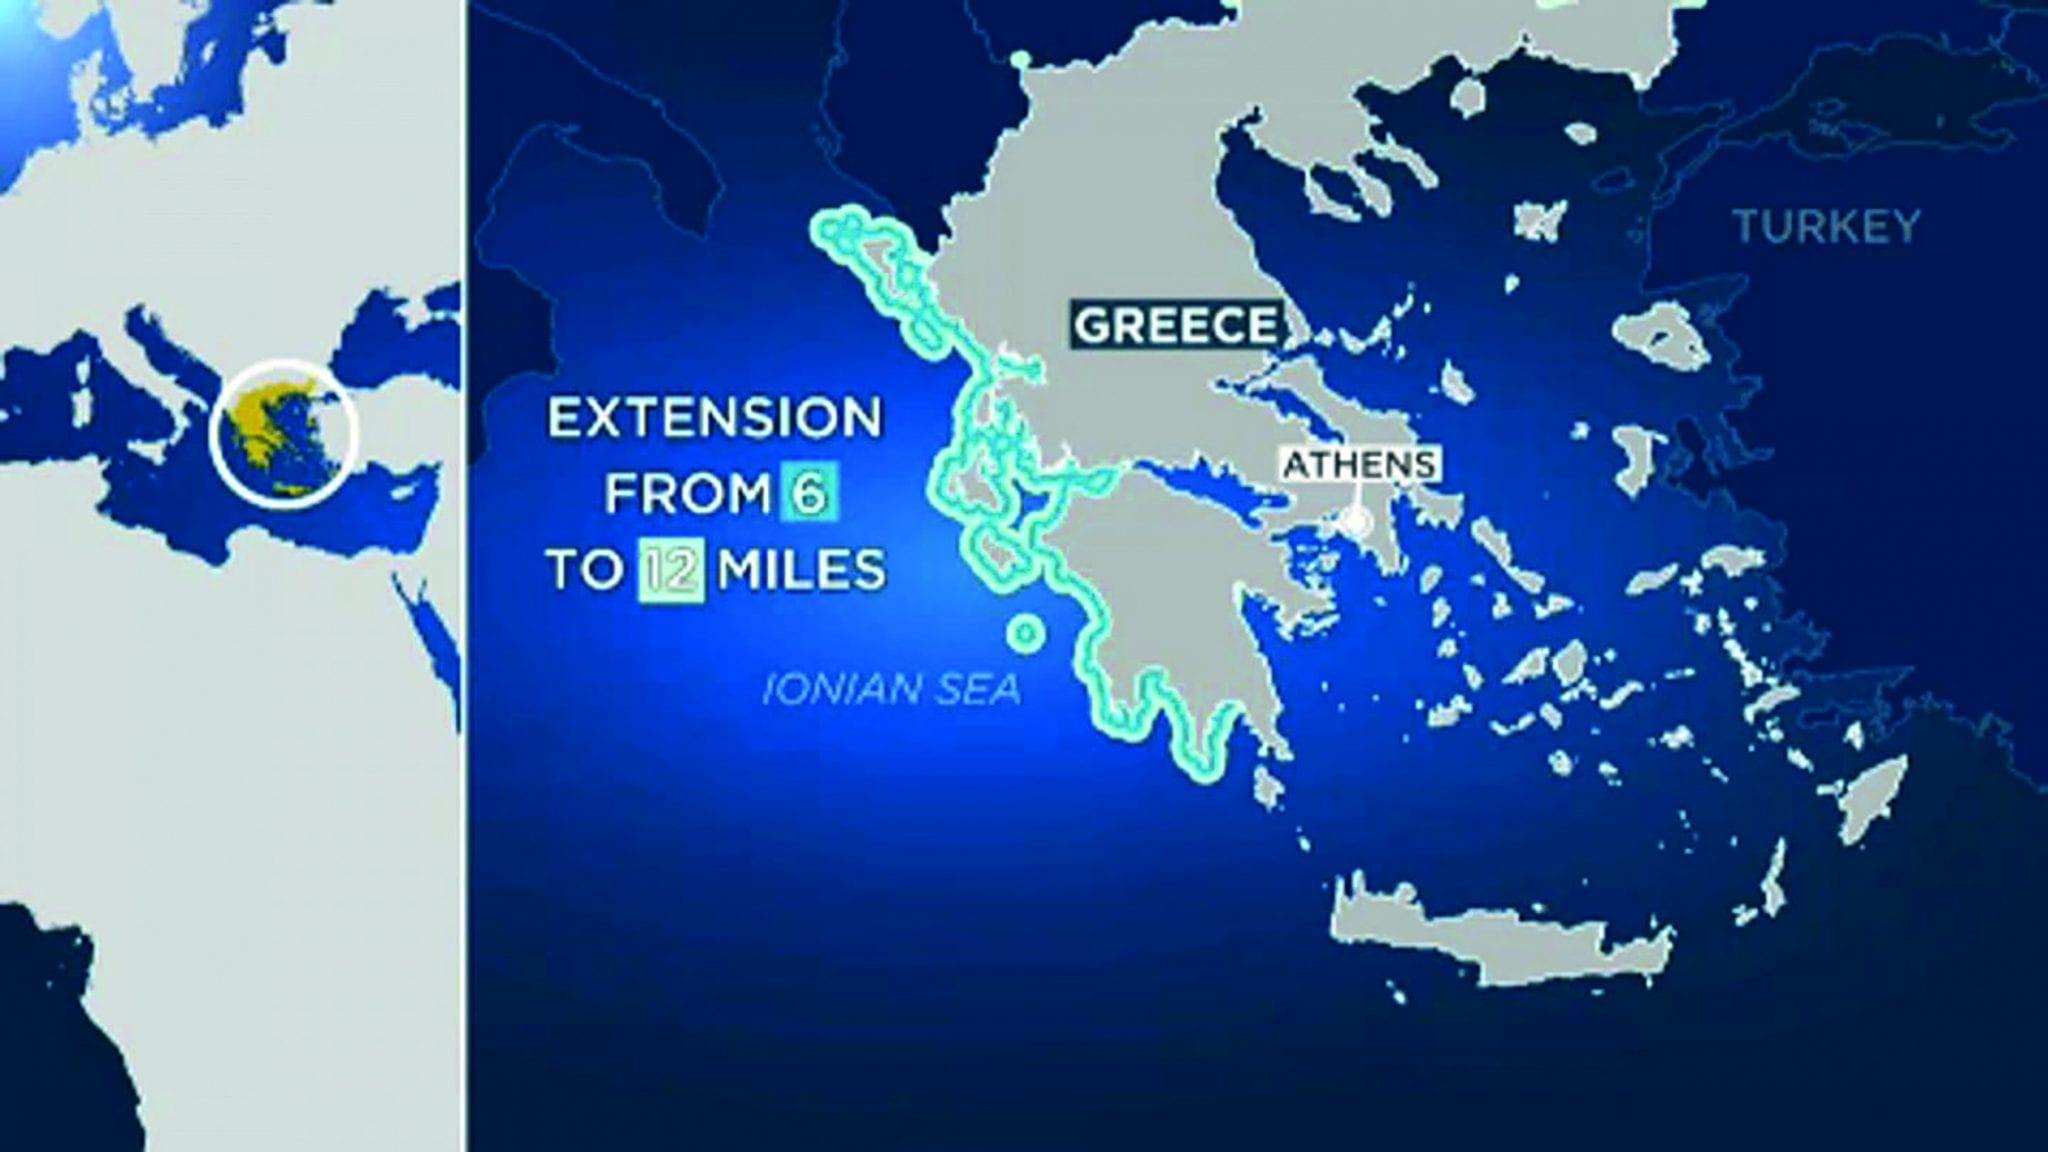 """Η επέκταση των ΧΥ στα 12νμ στο Ιόνιο και το """"δώρο"""" μας στους Ιταλούς ψαράδες"""